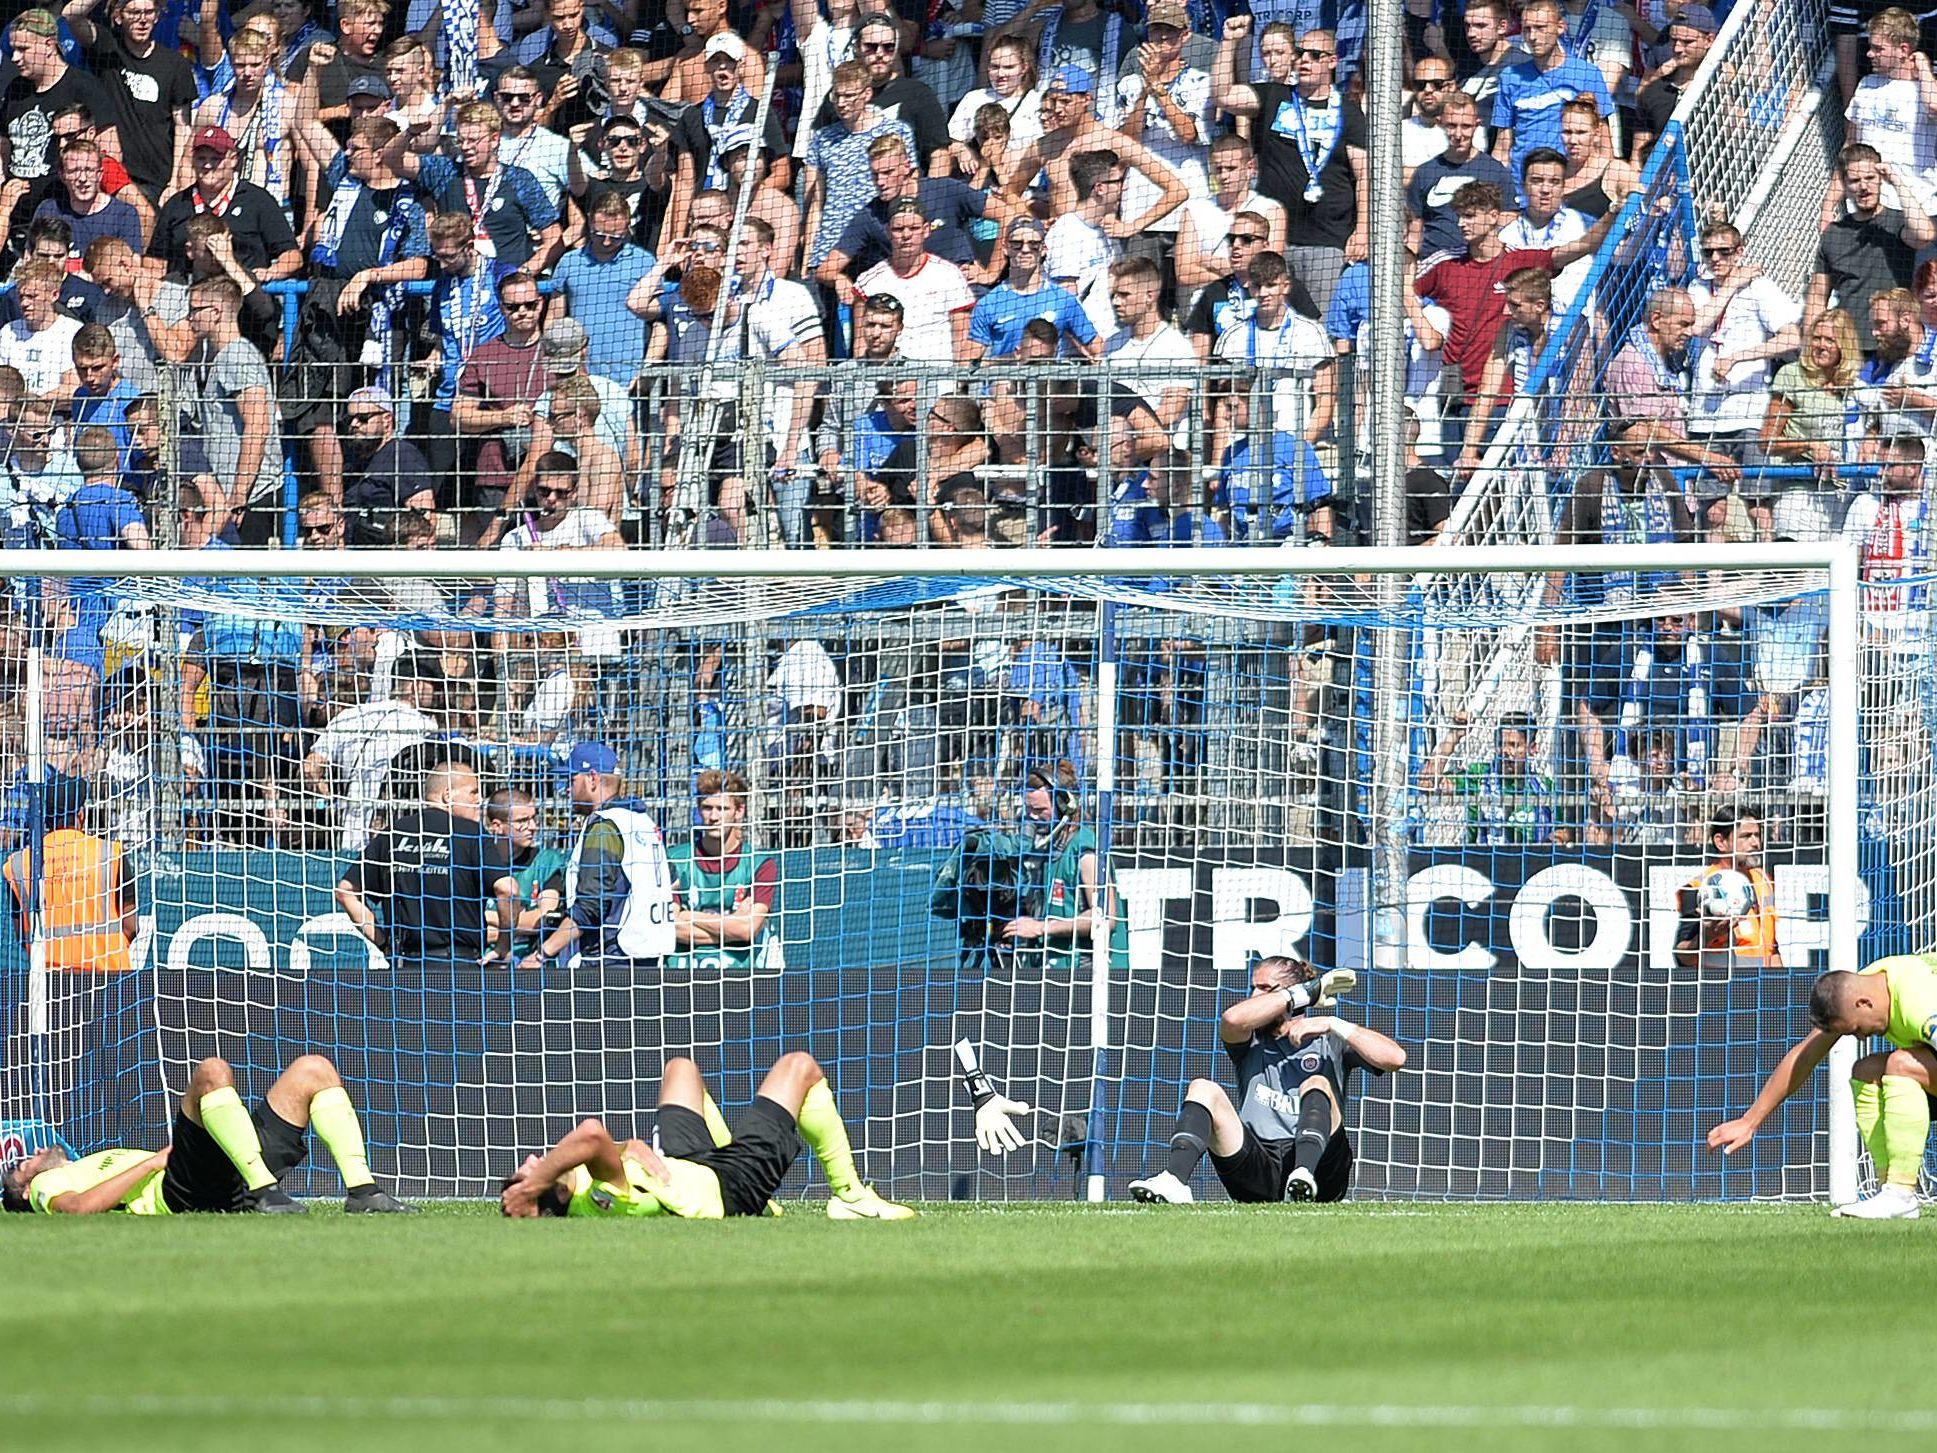 Mächtig bedient: Wiesbadens Spieler nach dem 3:3 in Bochum.